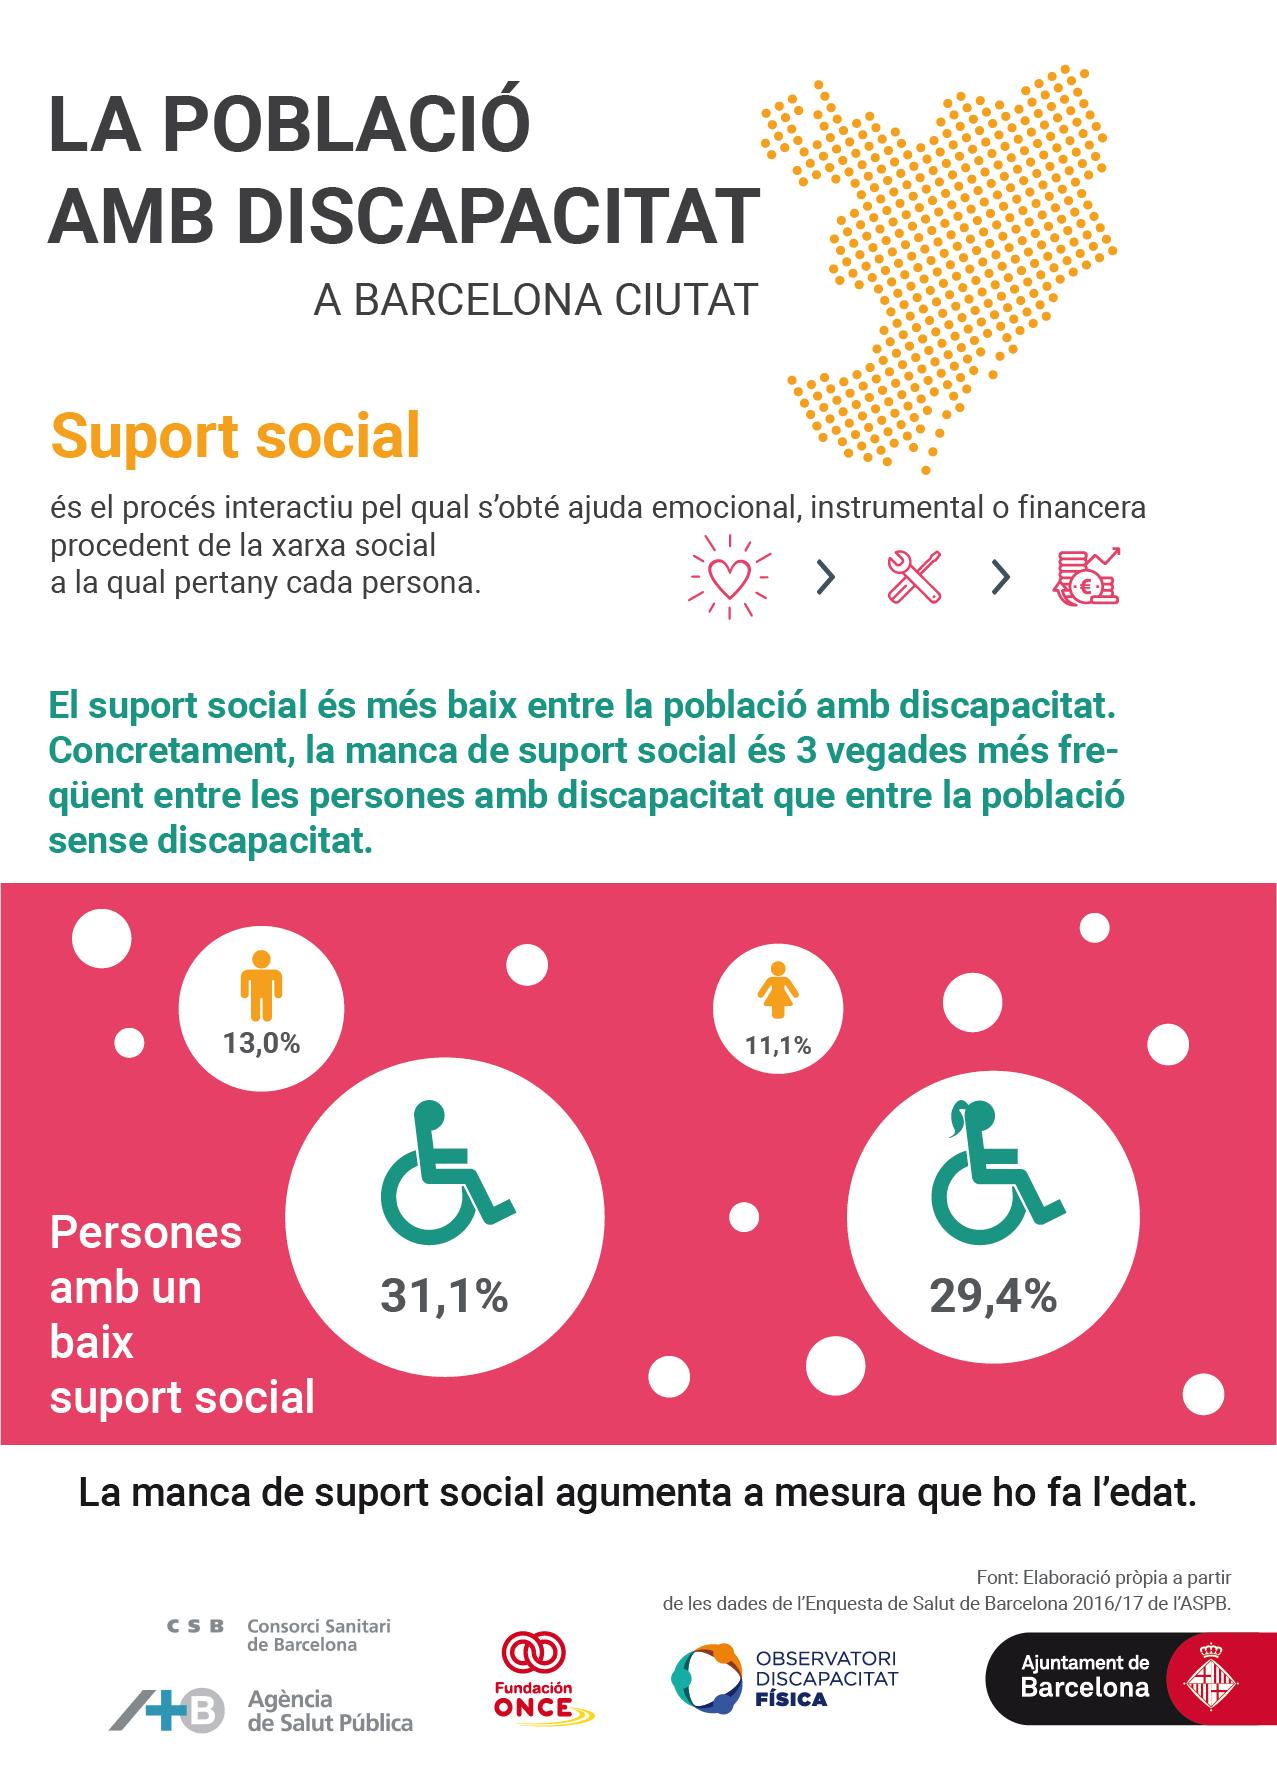 El suport social és més baix entre la població amb discapacitat*. Concretament, és 3 vegades més freqüent entre la població amb discapacitat que entre la resta de la població.